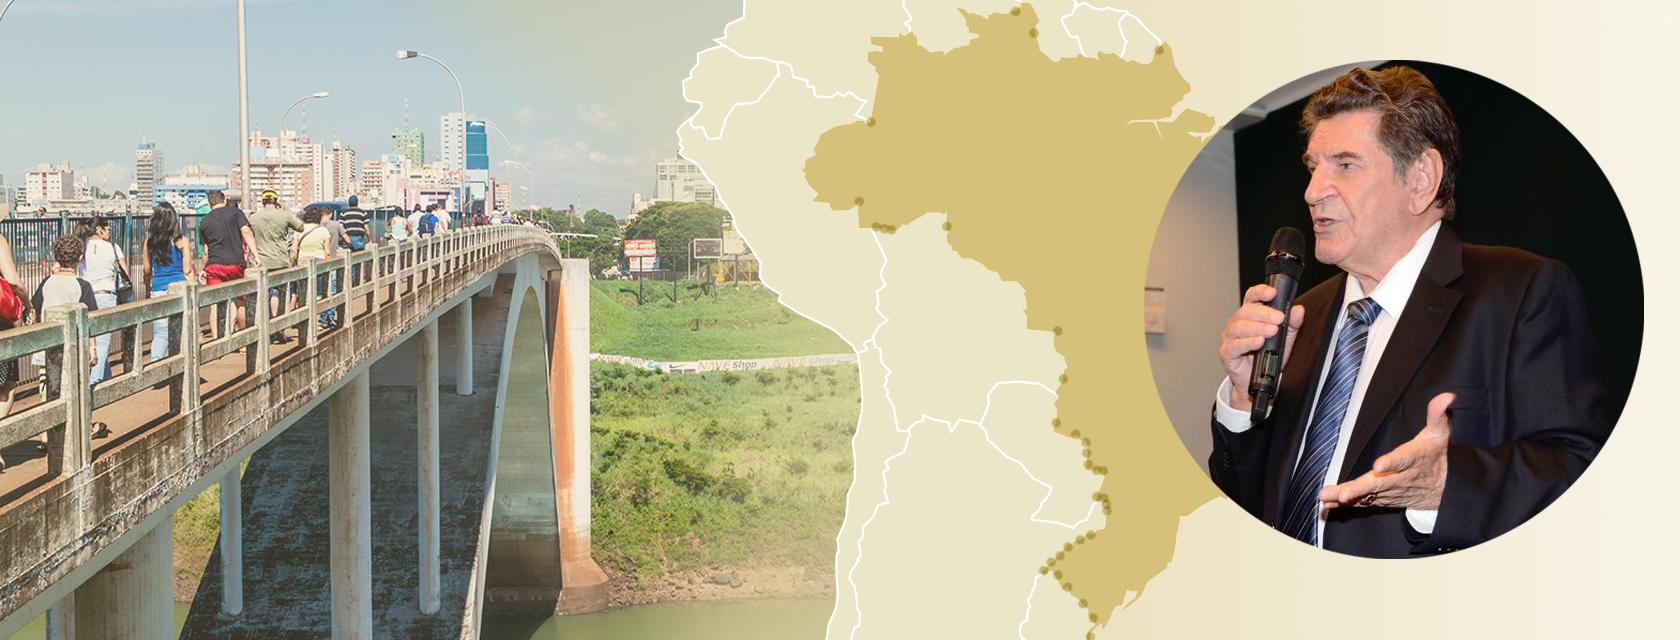 Exigências do Governo inviabilizamlojas francas em cidades de fronteira